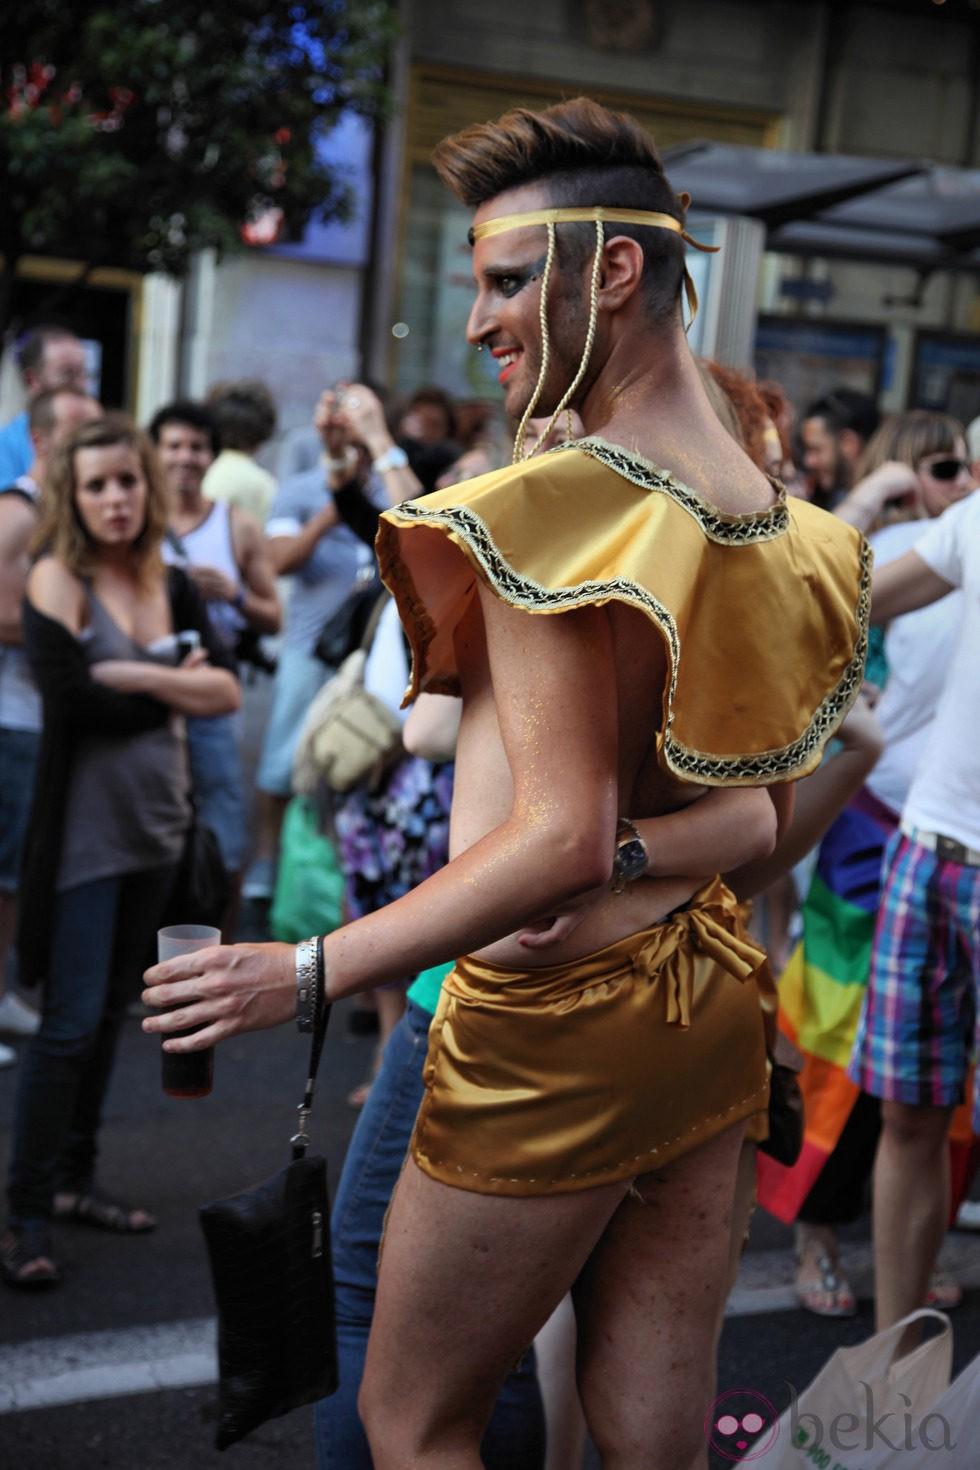 Chaperos Madrid, Chaperos Barcelona y Gay Escorts de toda españa